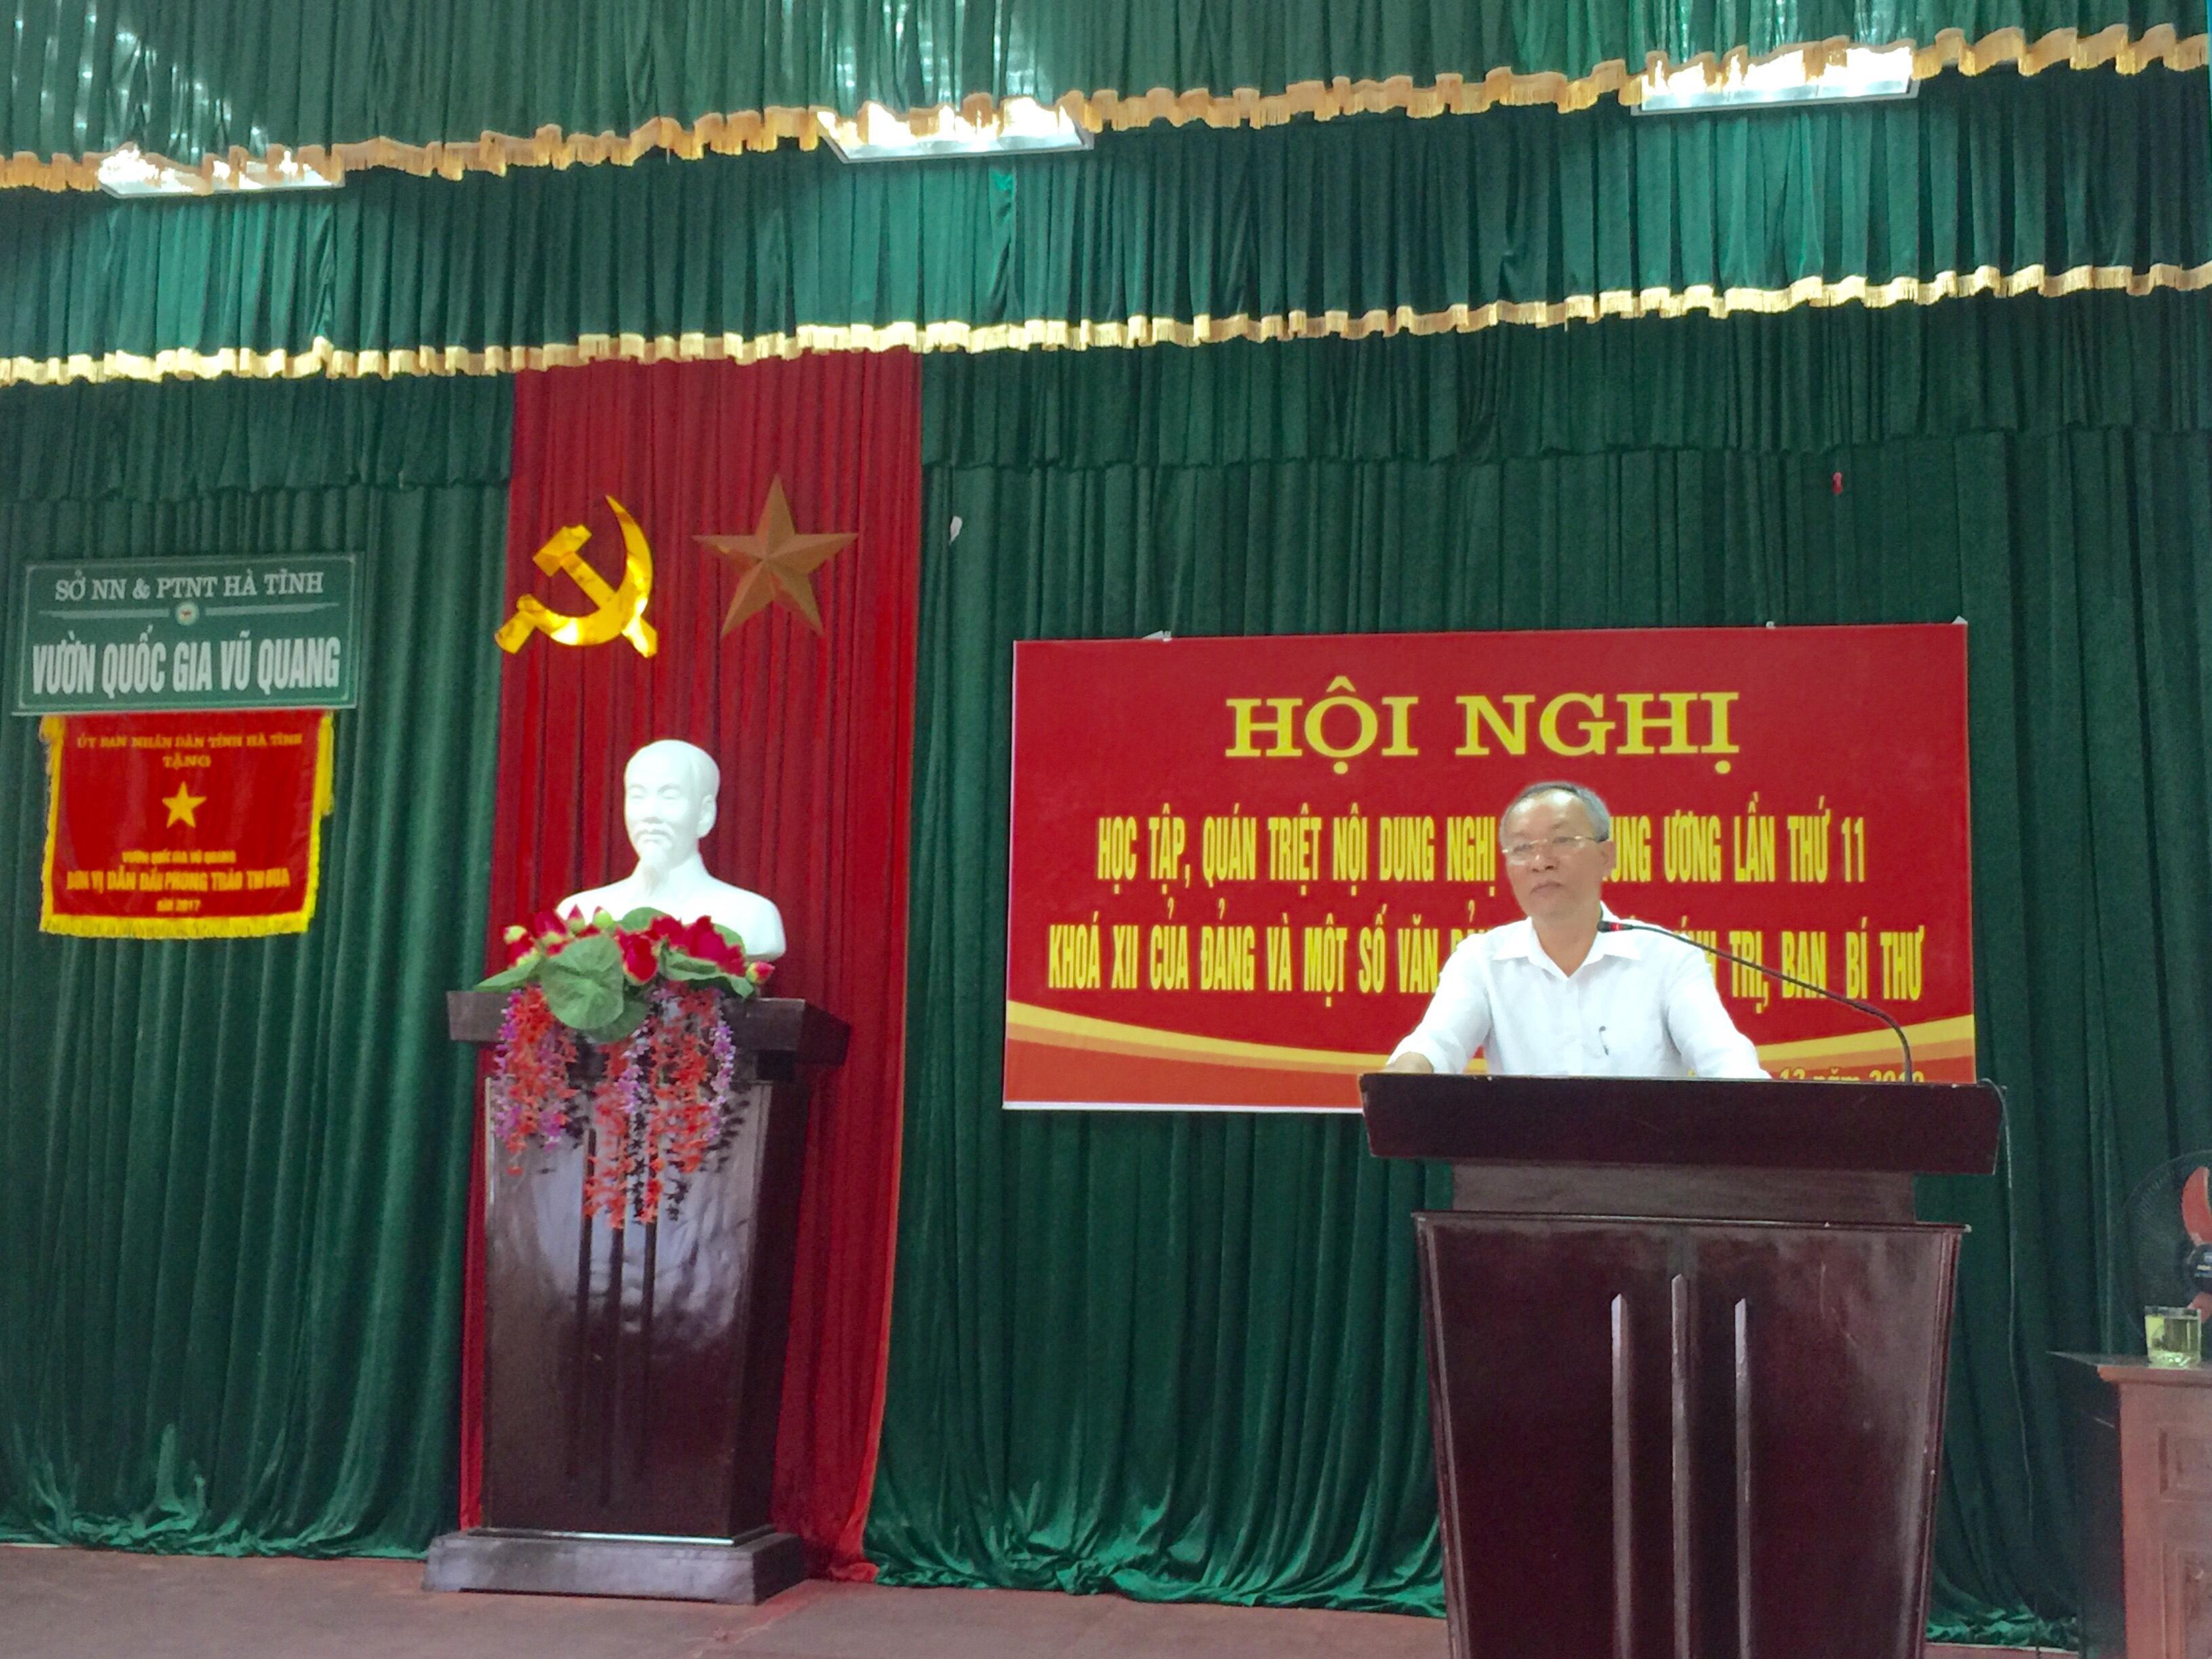 Hội nghị Học tập, quán triệt nội dung Nghị quyết TW lần thứ 11 khoá XII của Đảng và một số văn bản mới của Bộ chính trị, Ban bí thư